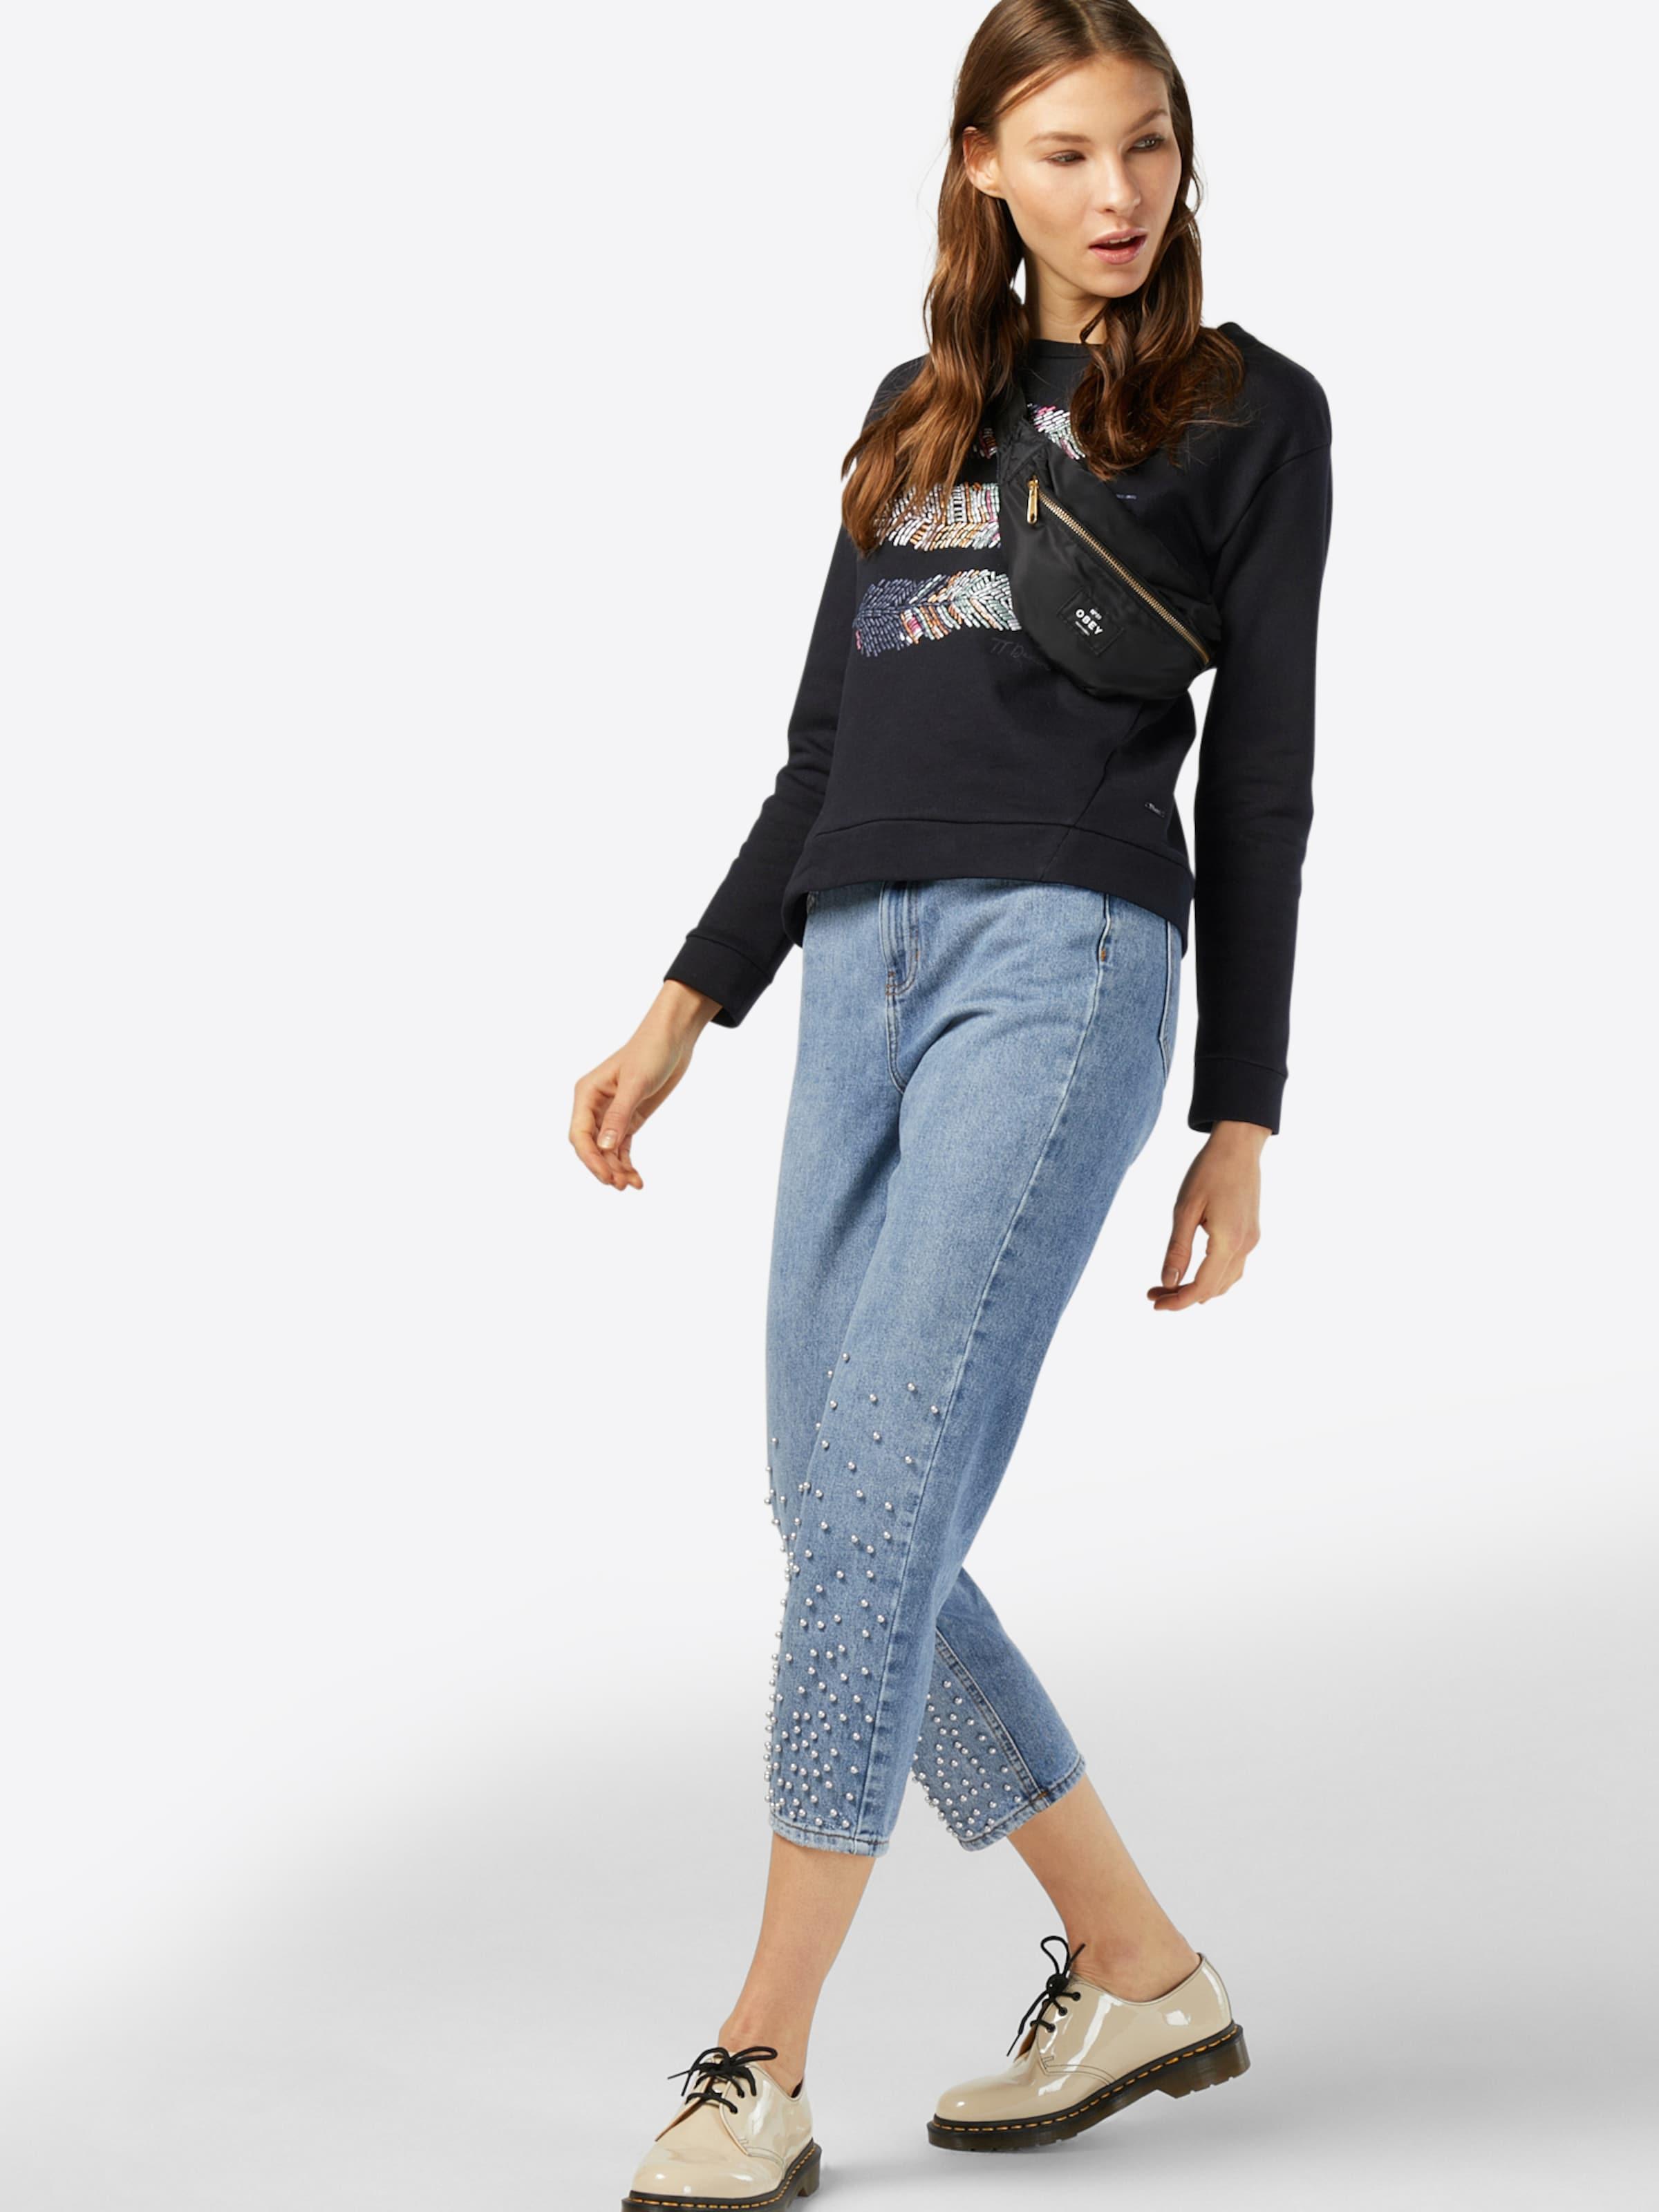 TOM TAILOR DENIM Sweatshirt 'Feather' Aus Deutschland Verkauf Online Outlet Rabatt Authentisch jBg5r